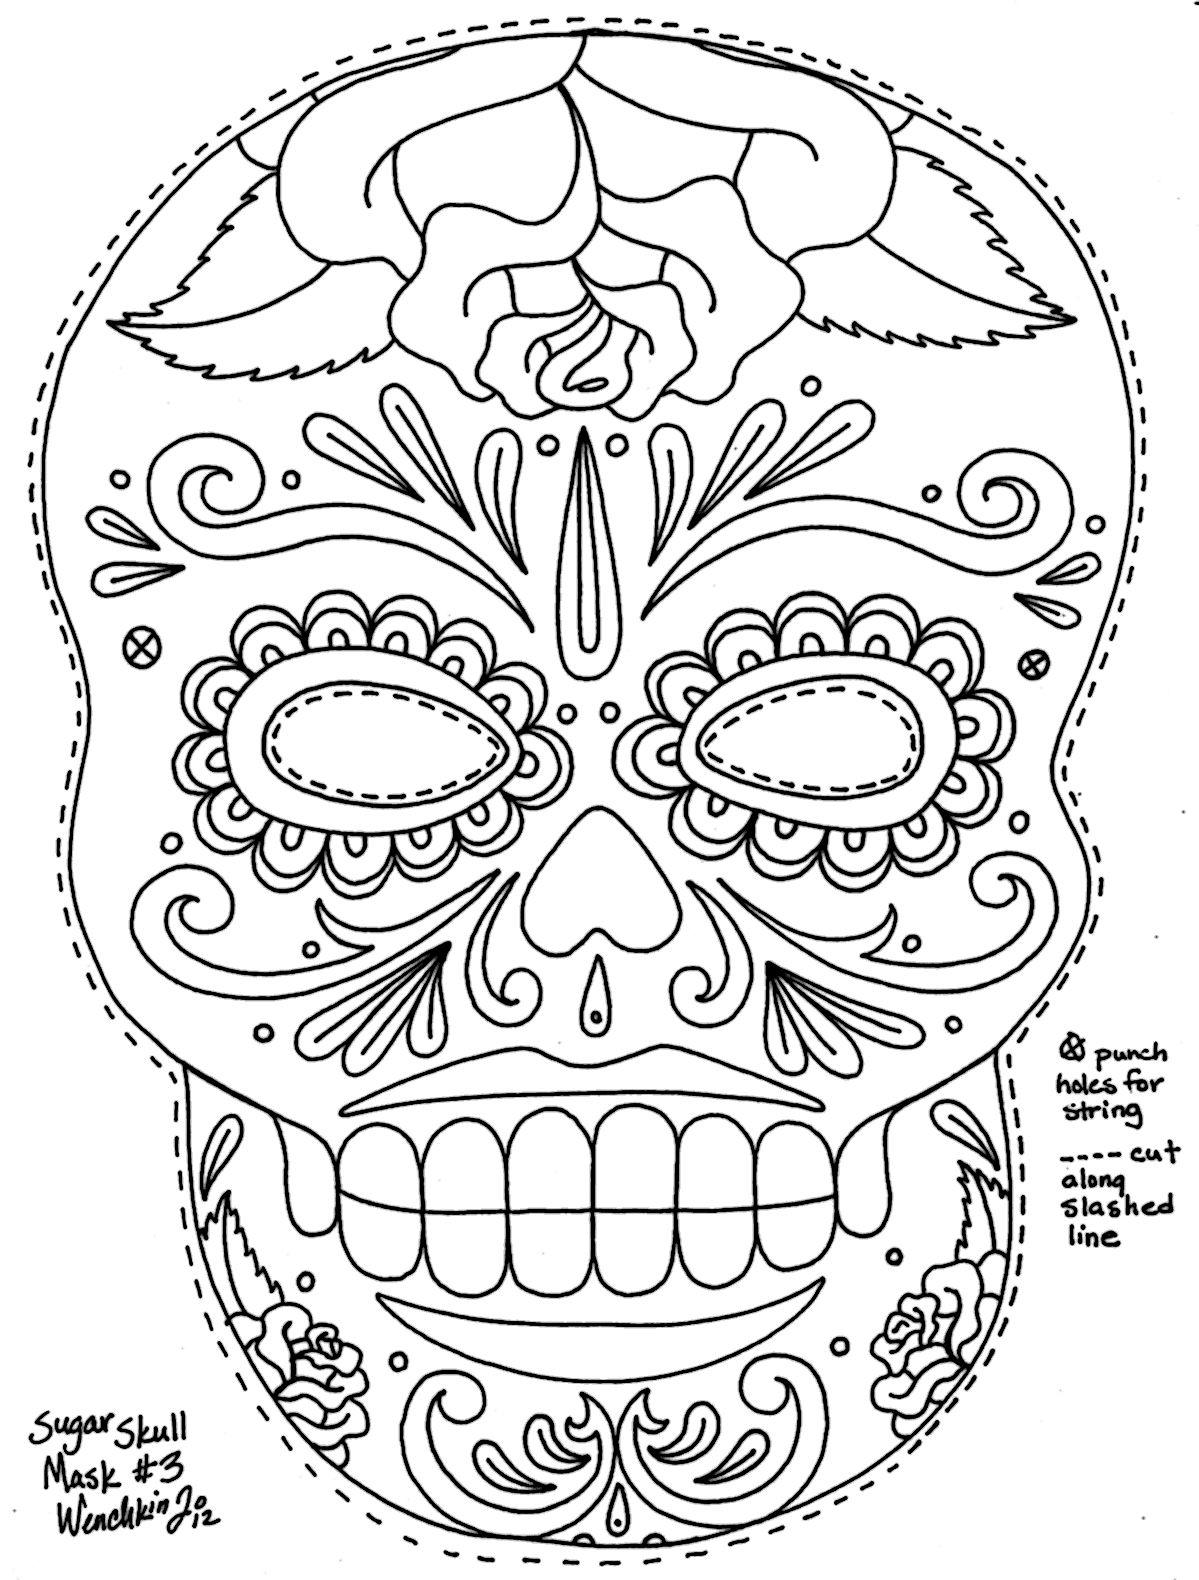 Sugar Skull Mask 3 Kleurplaten Kleurpotloden Knutselen Halloween